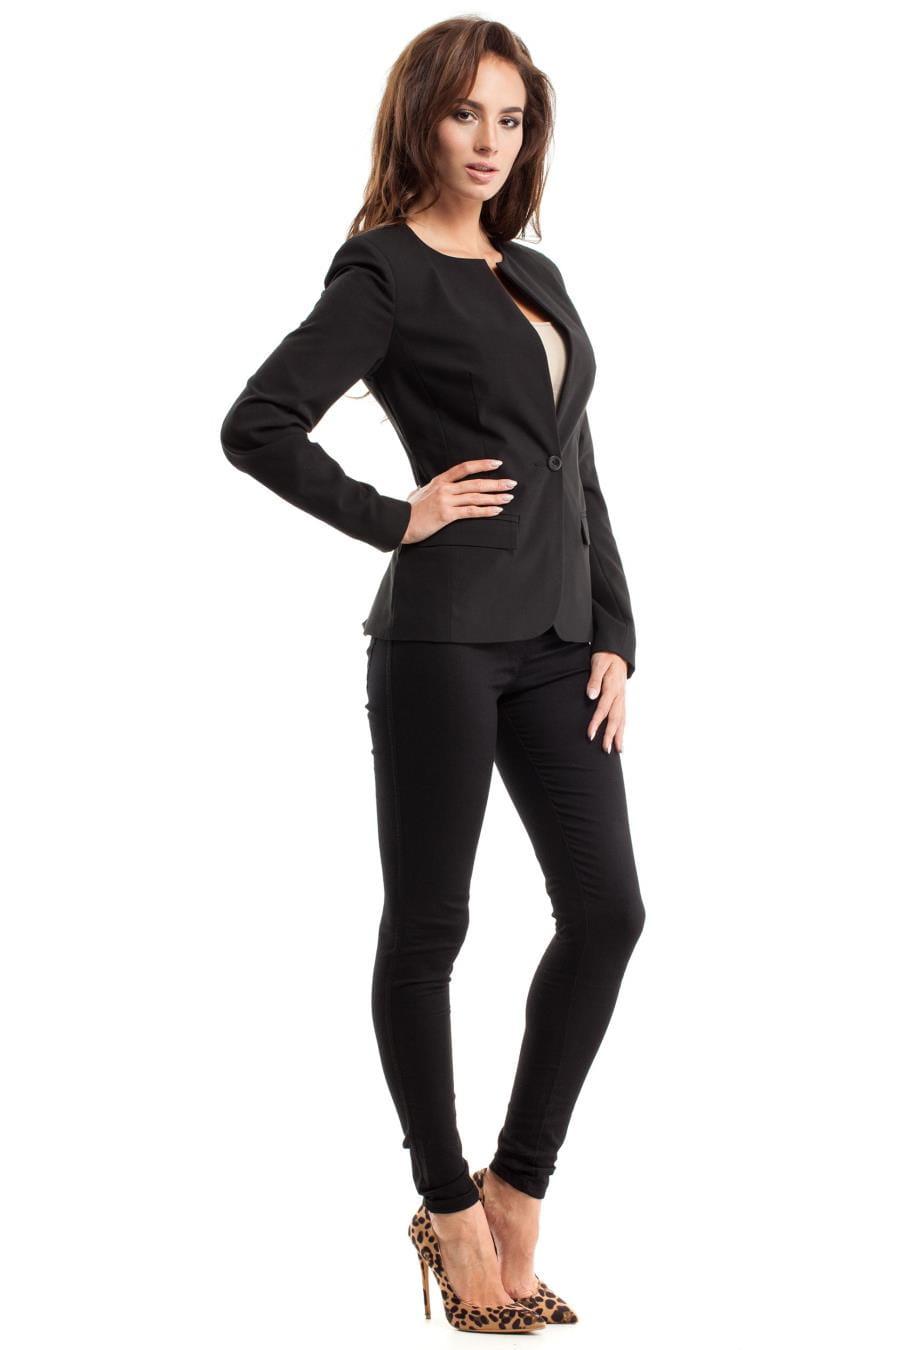 70d348810ba66 ... żakiety, damskie, czarne, spodni, biura, pracy, sklep, online, ...